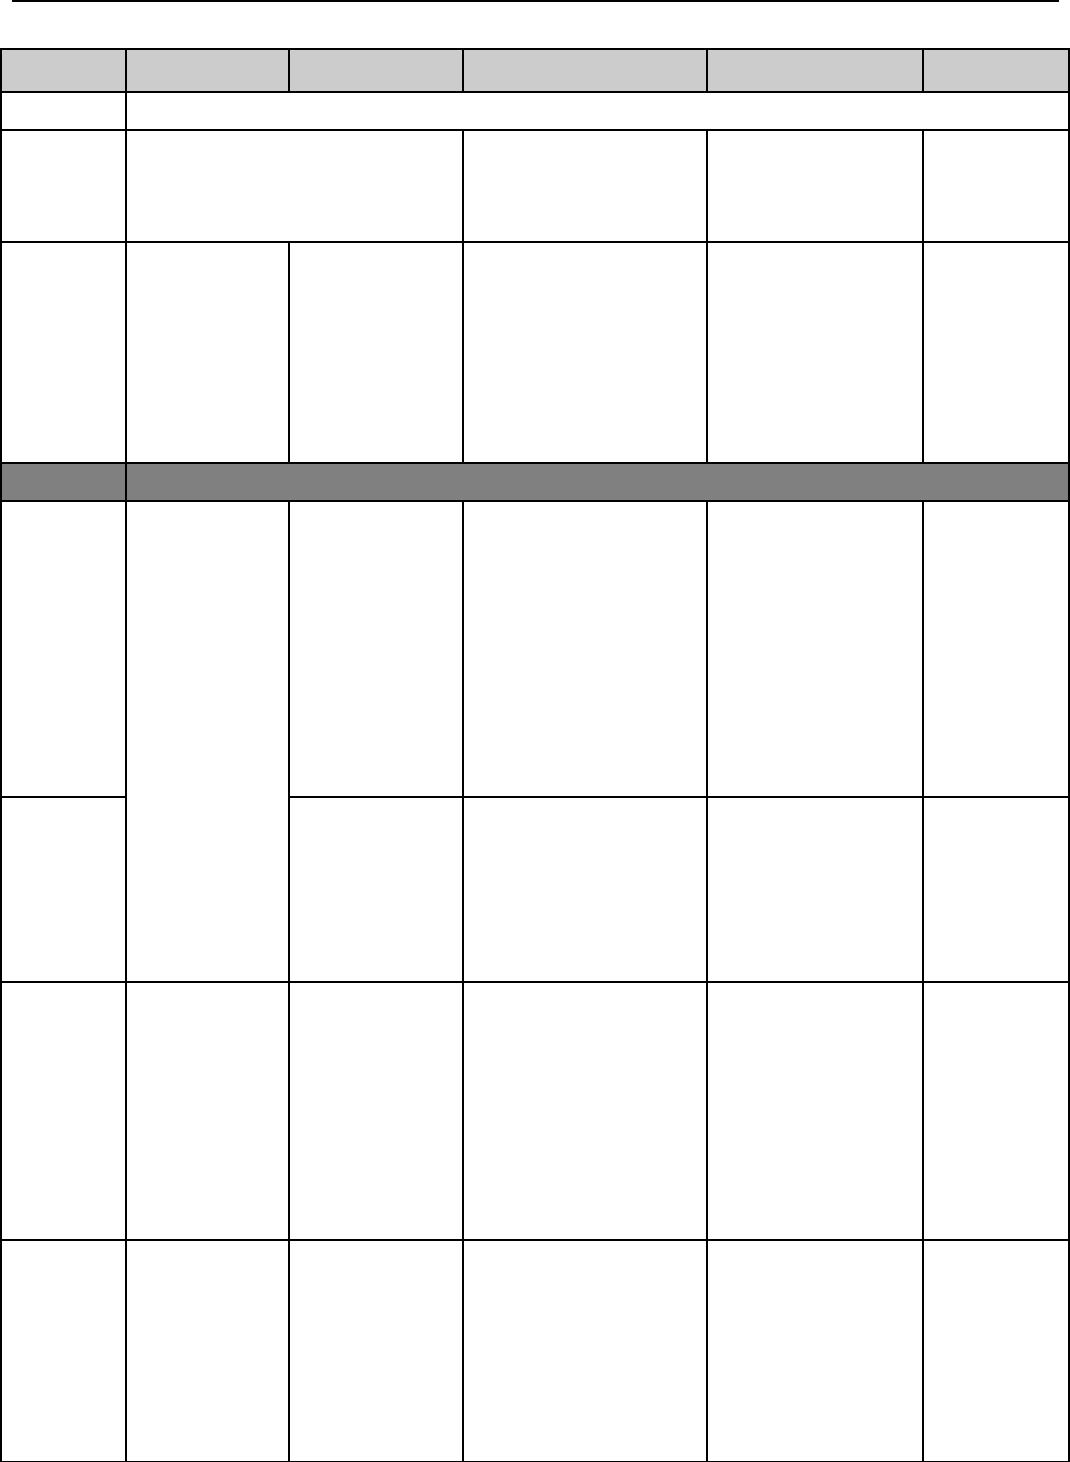 Download Rpt Pendidikan Seni Visual Tingkatan 1 Penting 77505176 Rpt Pendidikan Seni Visual Tingkatan 4 2012 1 Doc Of Bermacam-macam Rpt Pendidikan Seni Visual Tingkatan 1 Yang Boleh Di Muat Turun Dengan Segera